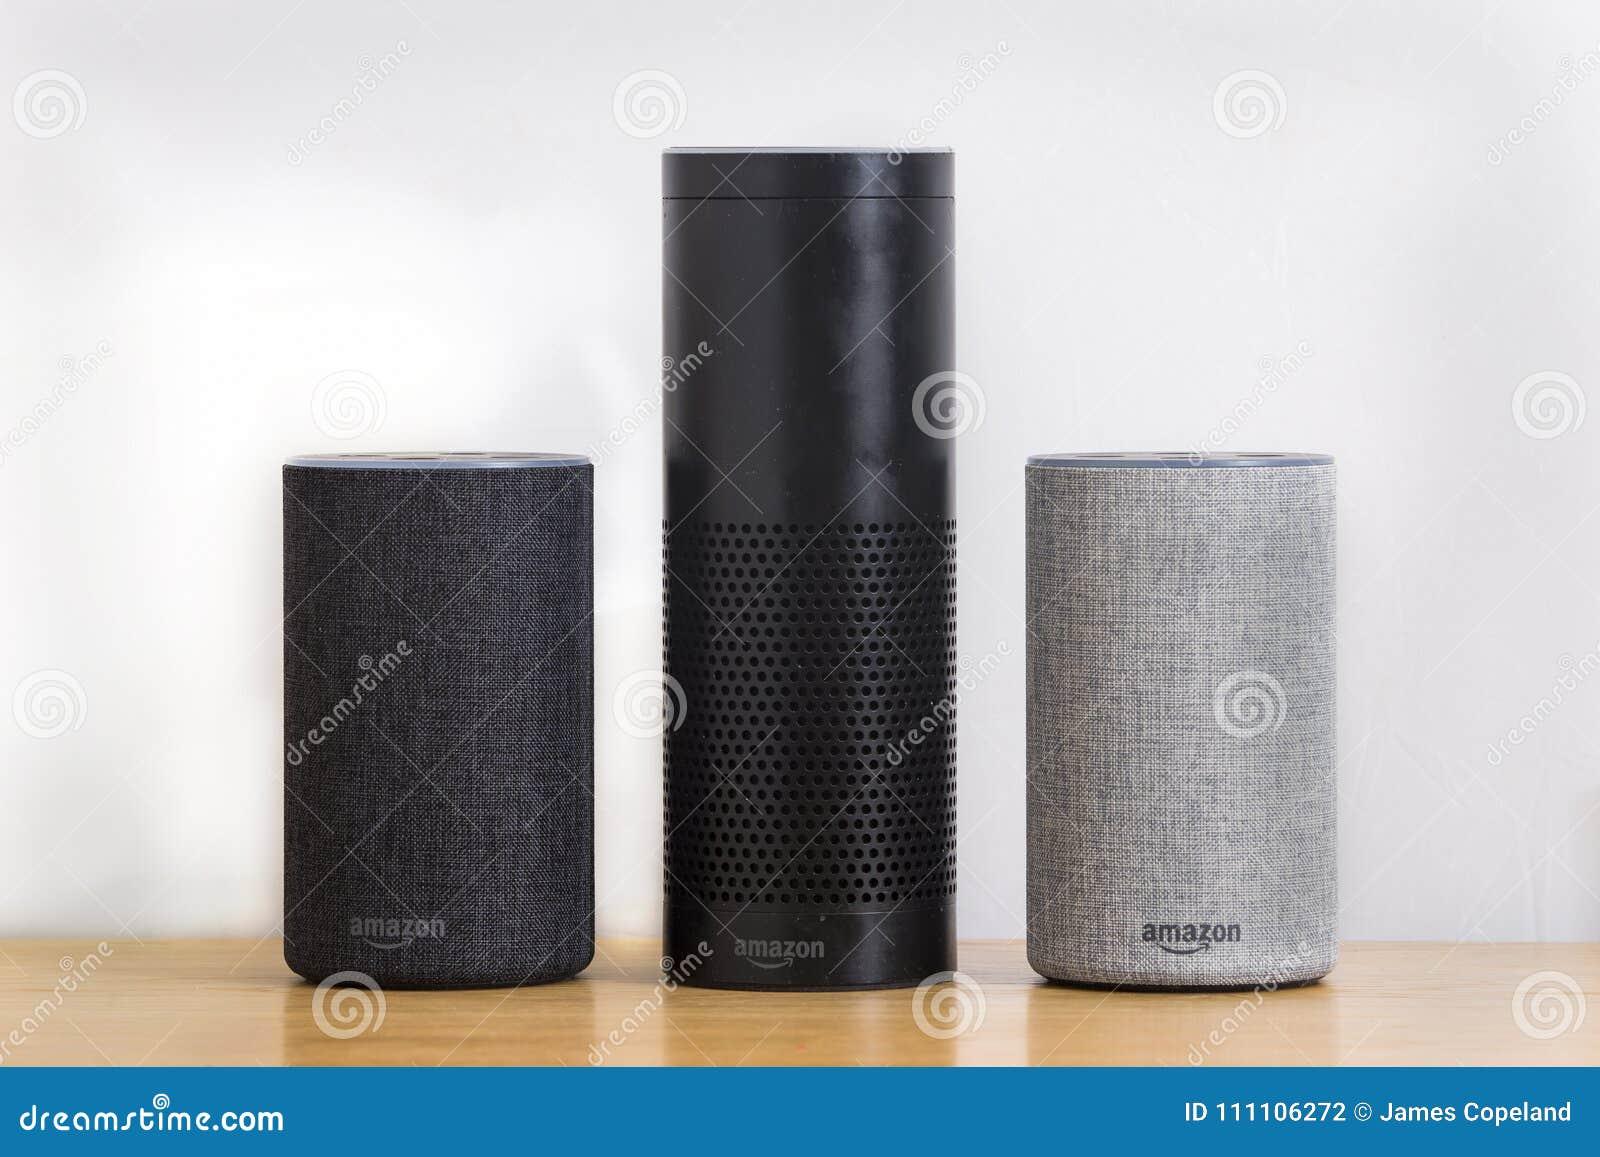 LEEDS, REGNO UNITO - 1° MARZO 2018 Amazon Echo Alexa Smart Speaker prima a